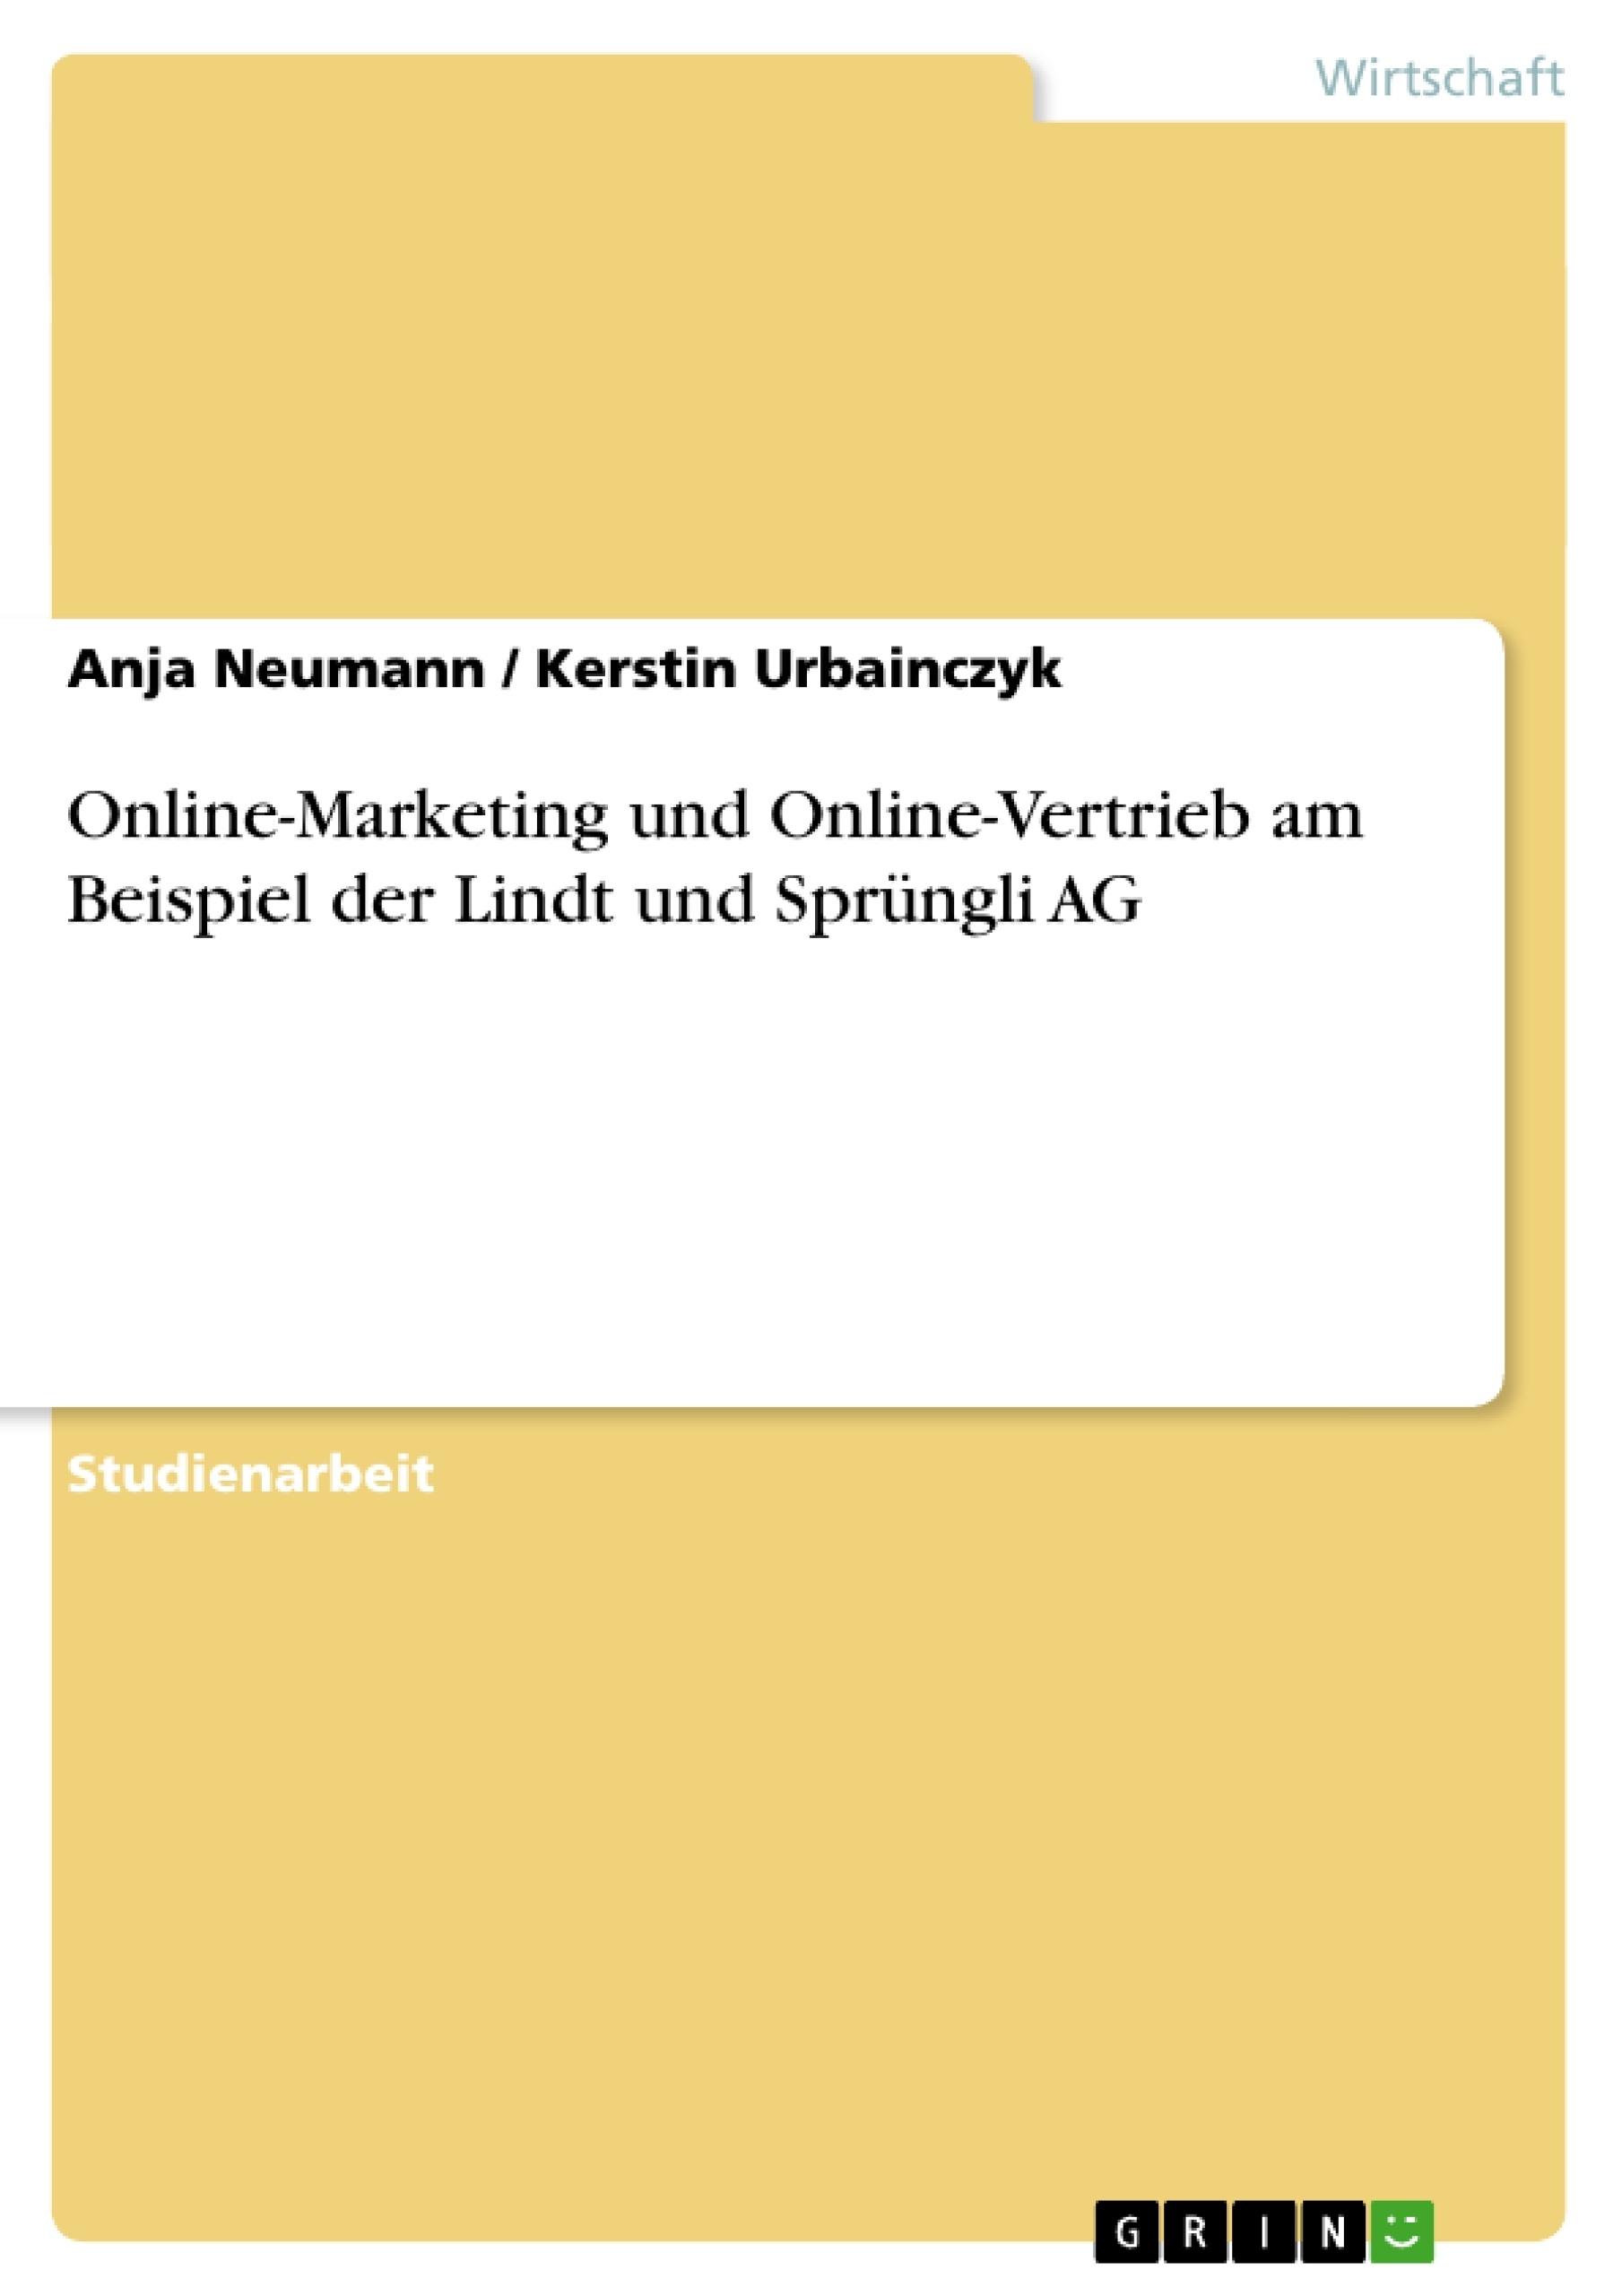 Titel: Online-Marketing und Online-Vertrieb am Beispiel der Lindt und Sprüngli AG